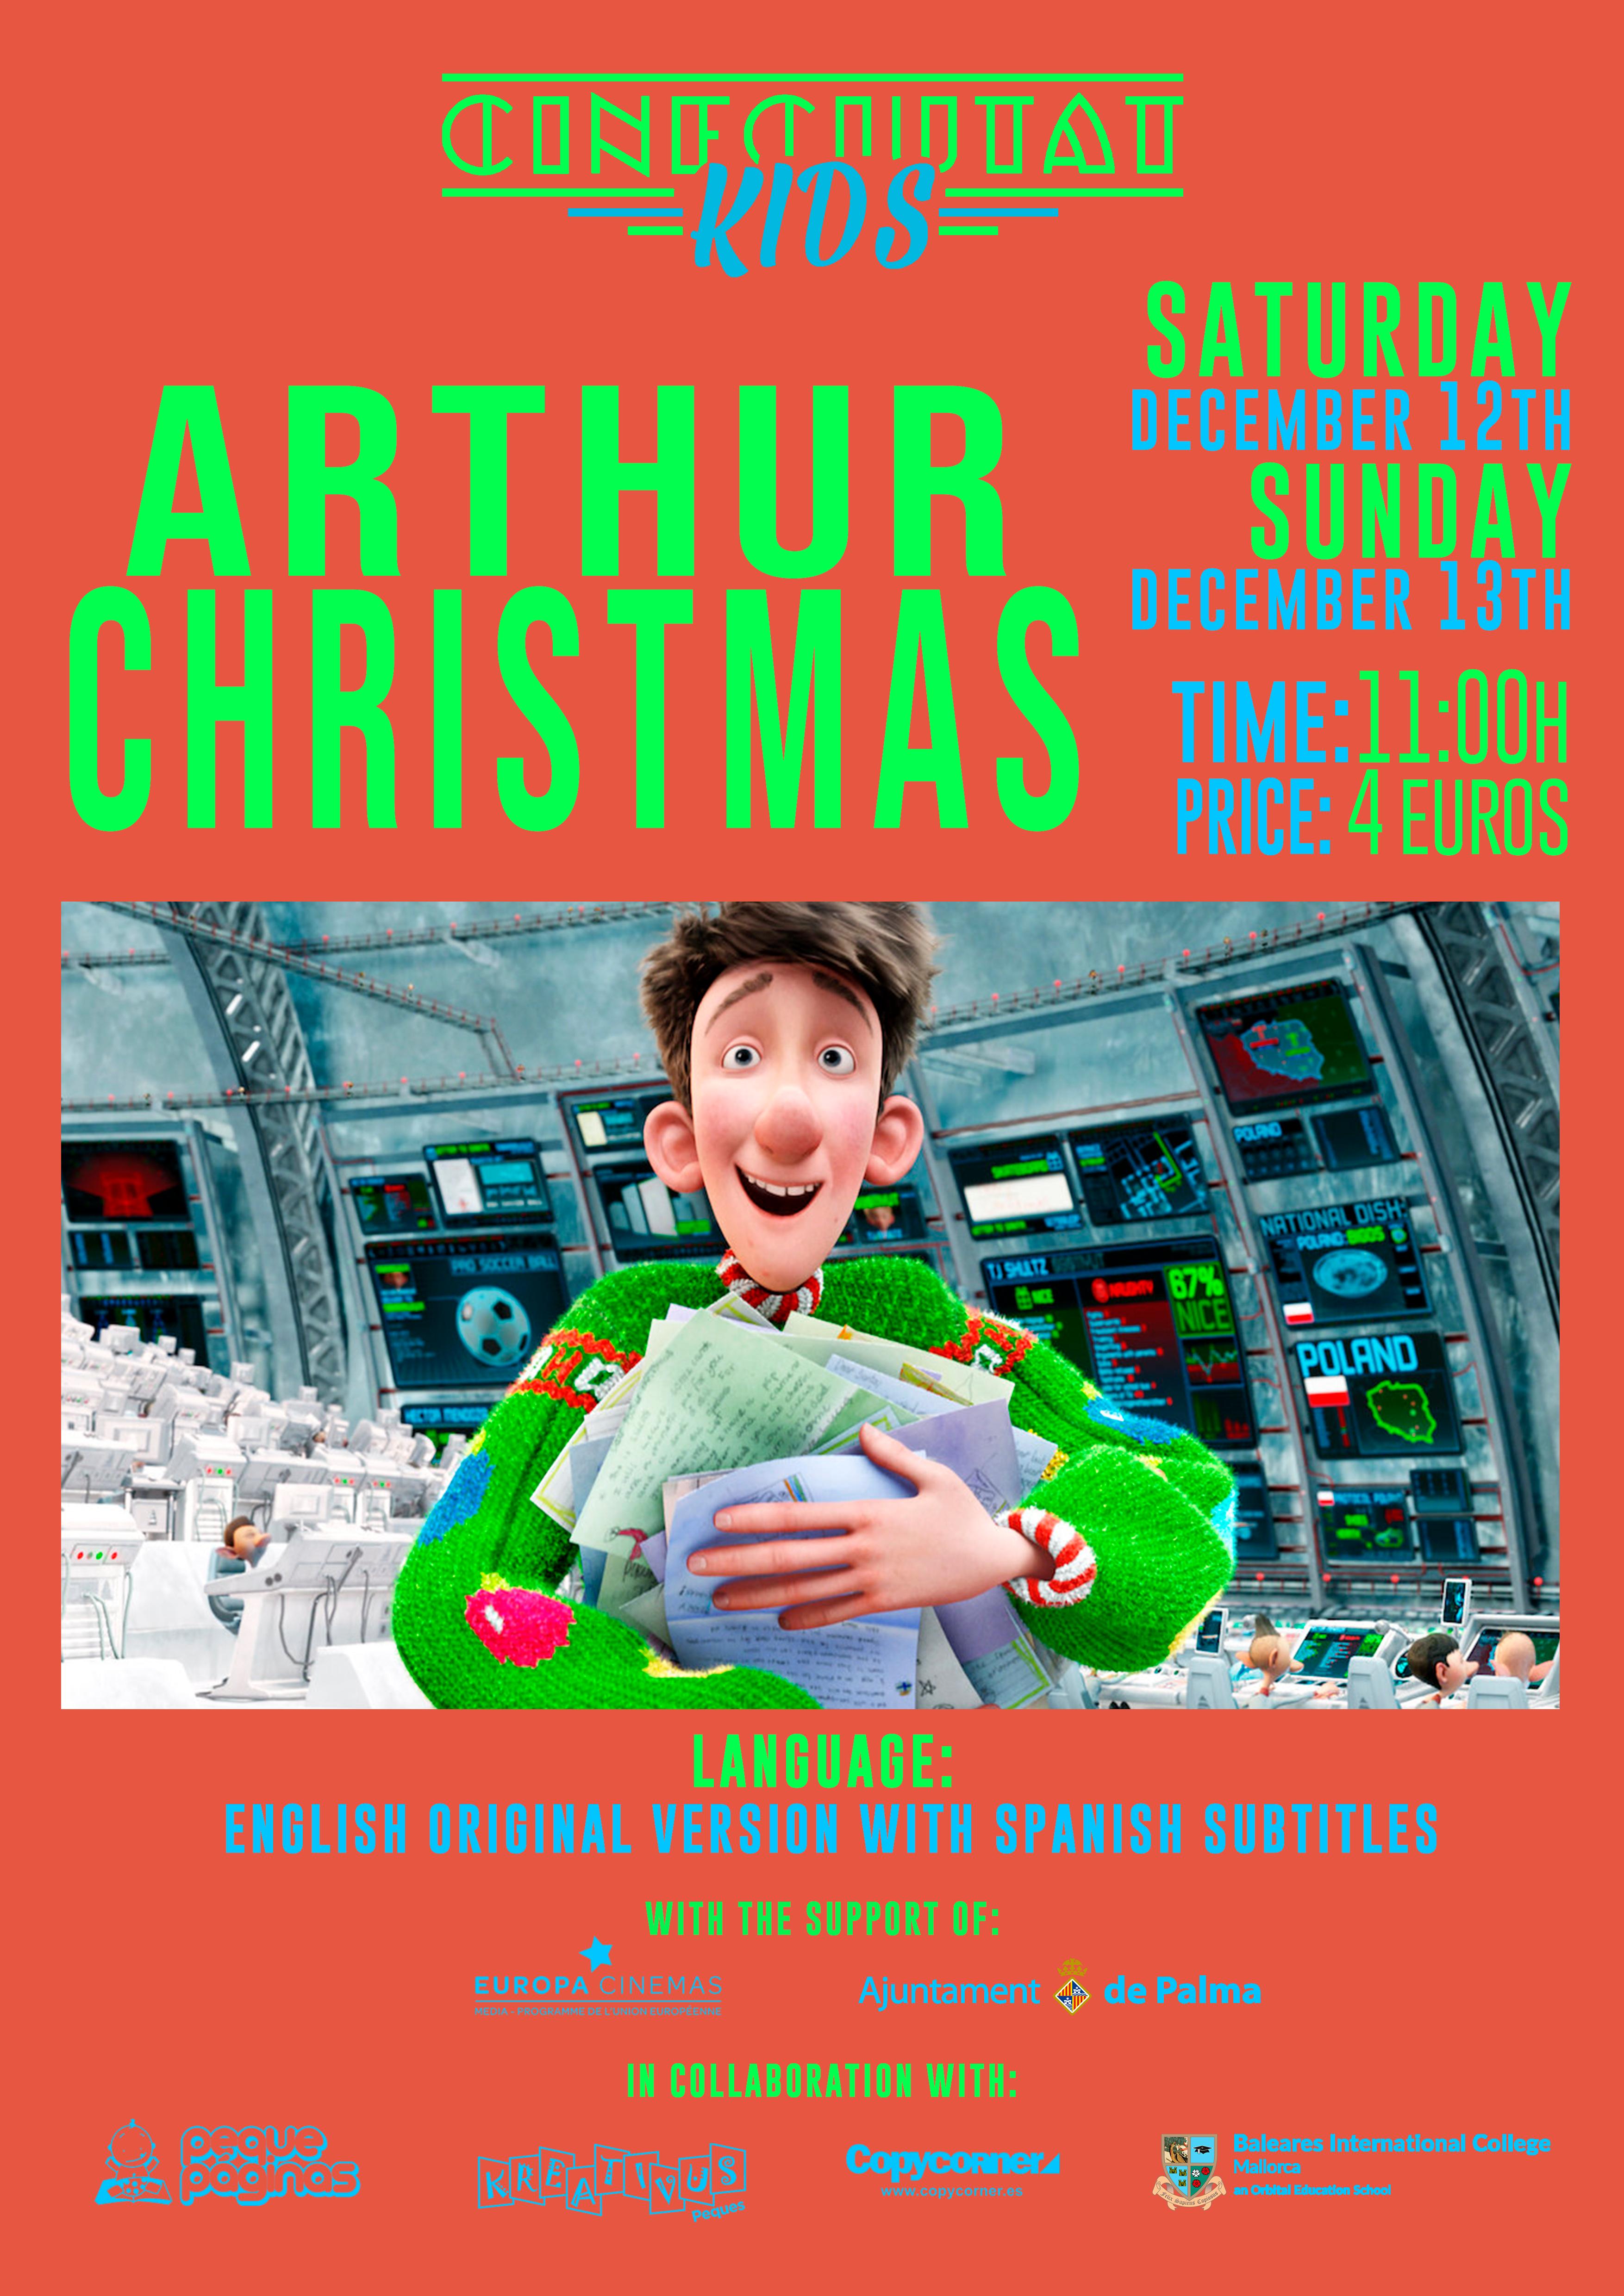 ArthurChristmas_Kids_vFinal (1).png